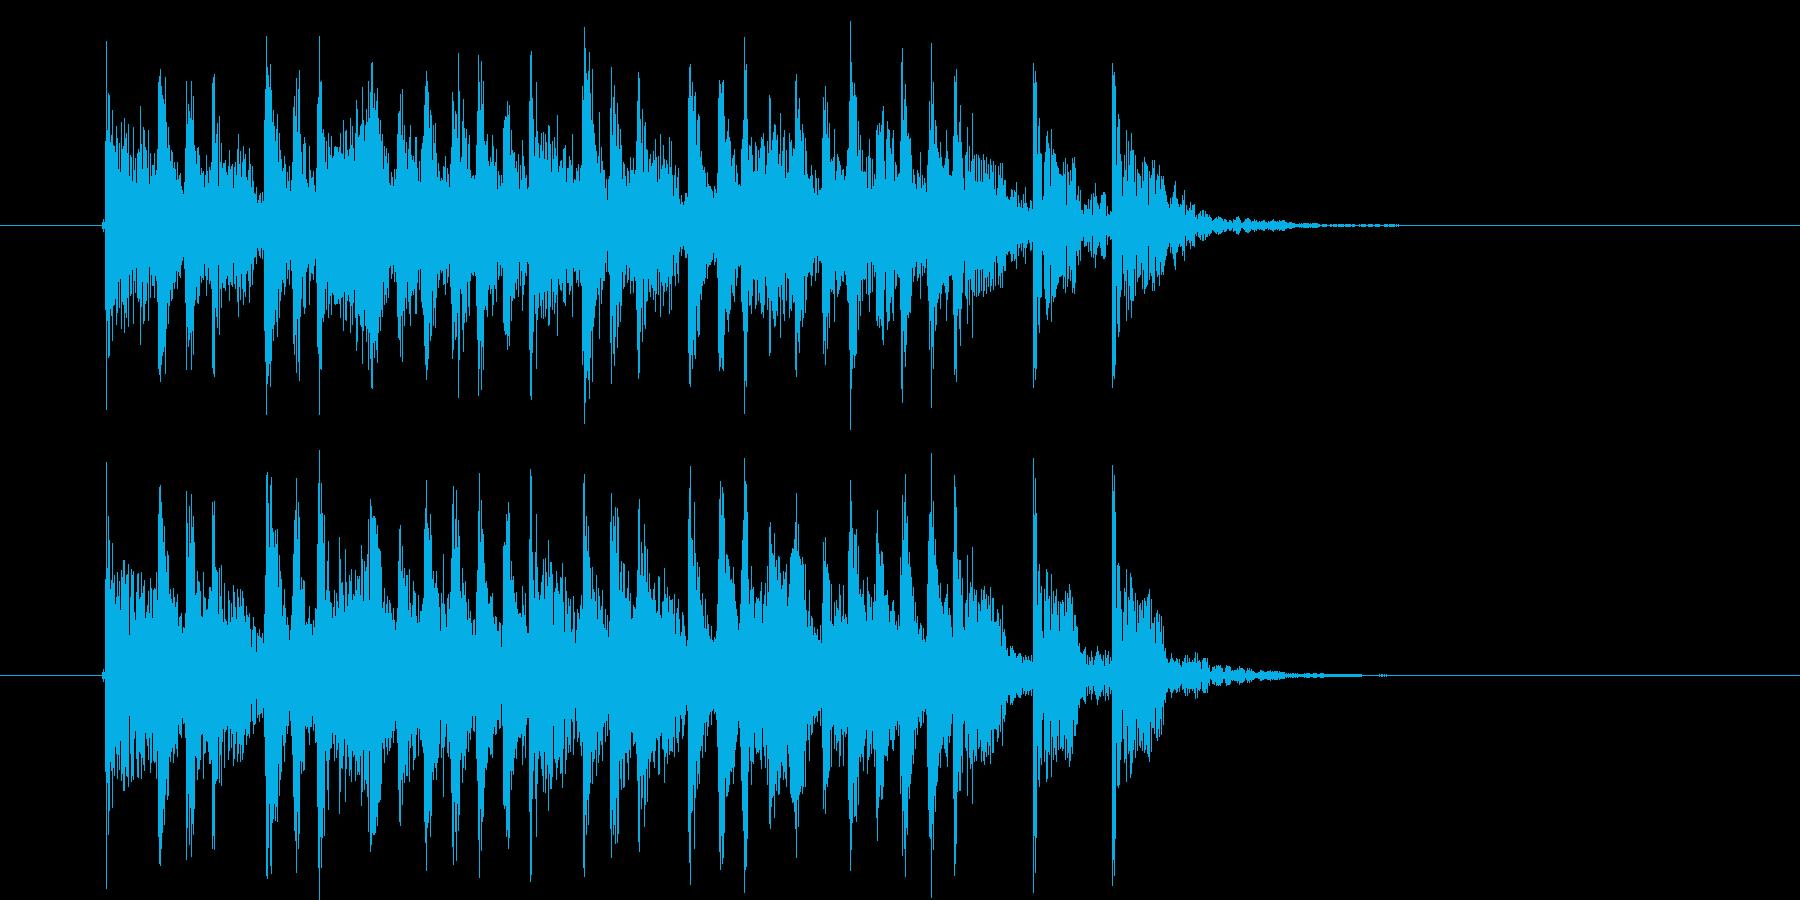 リズムが良く躍動感のあるBGMの再生済みの波形